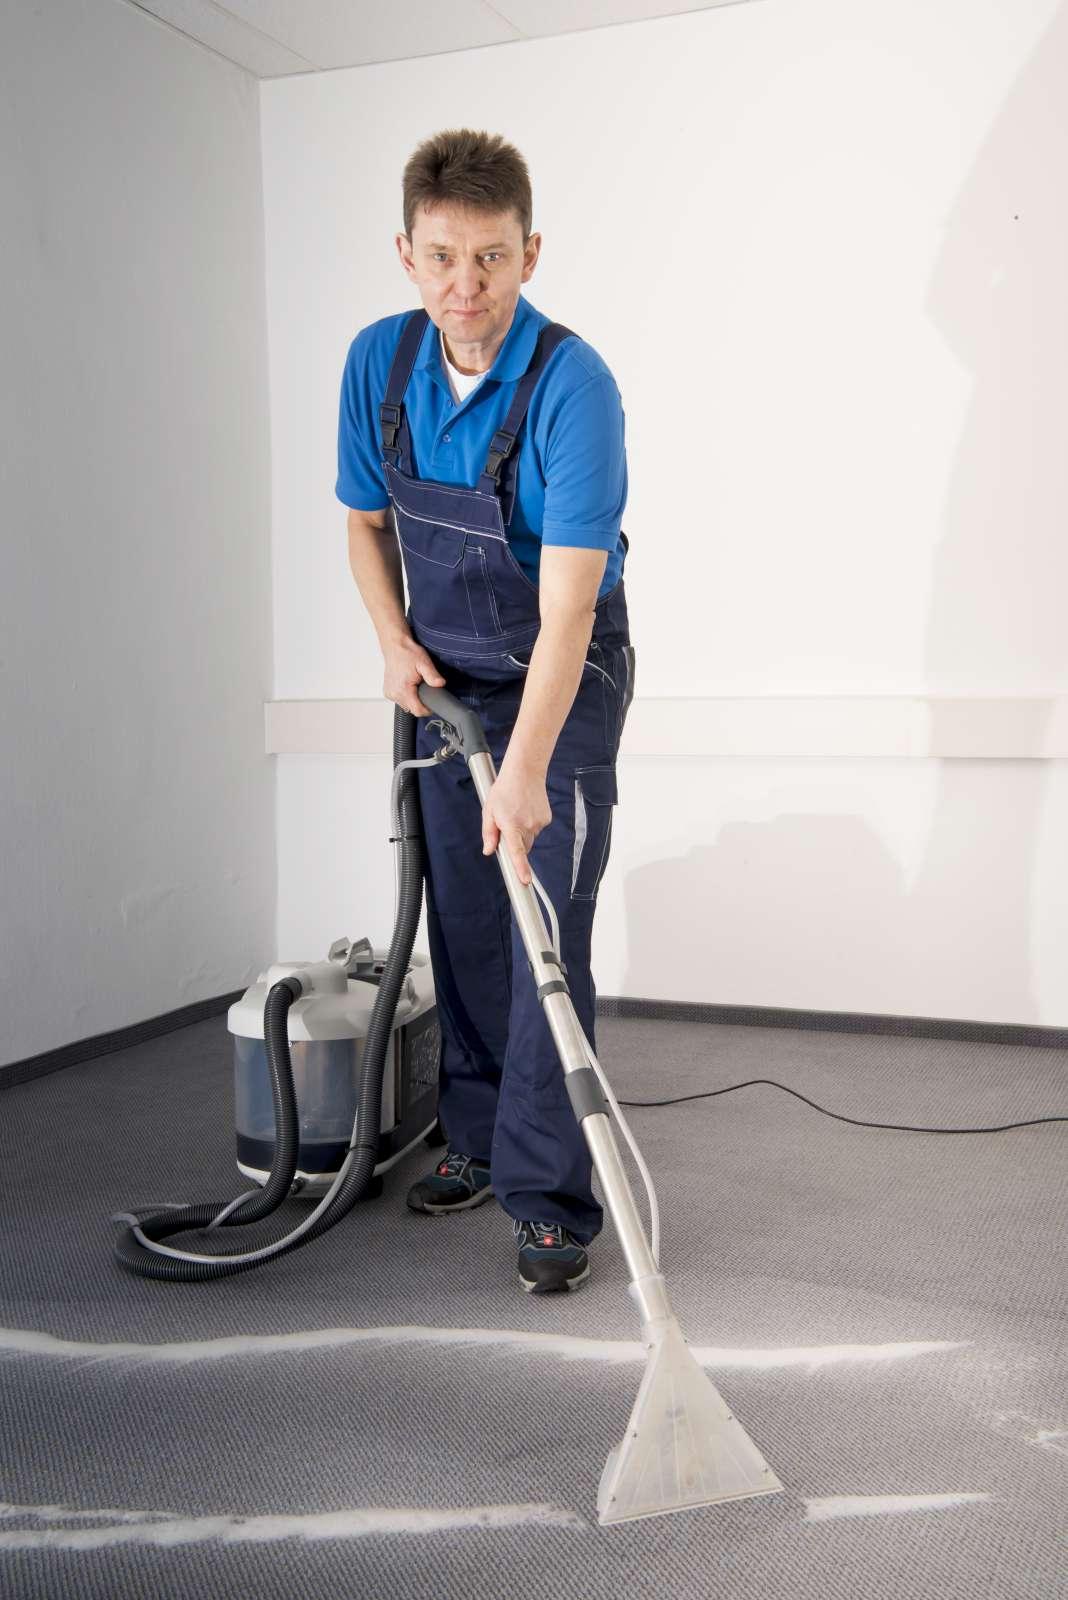 Polsterreinigung-Teppichbodenreinigung